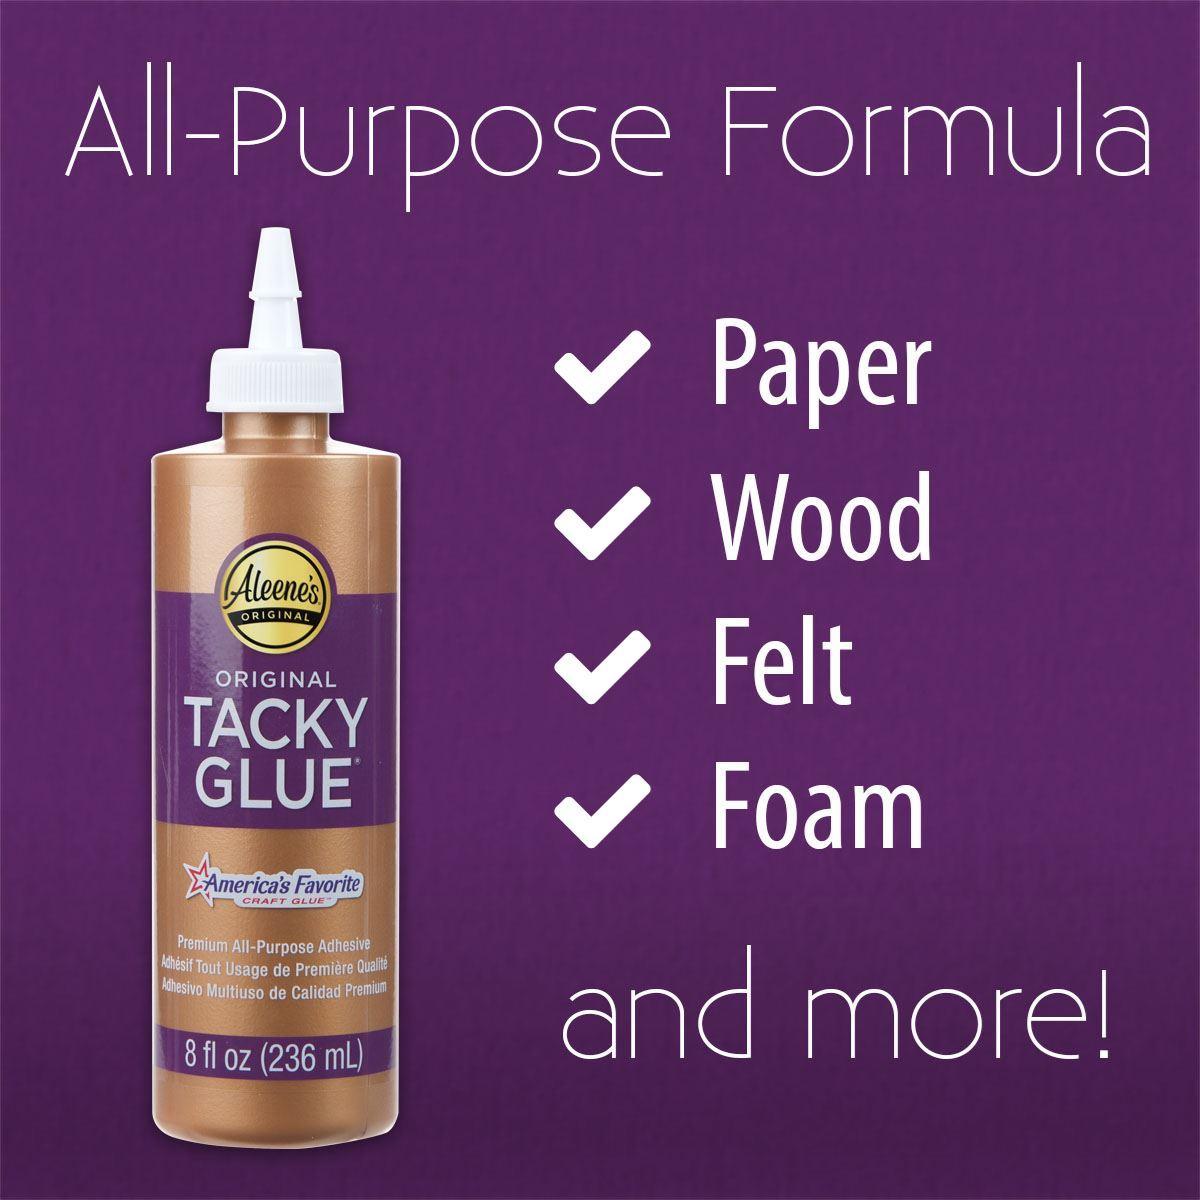 Aleenes original tacky glue surfaces